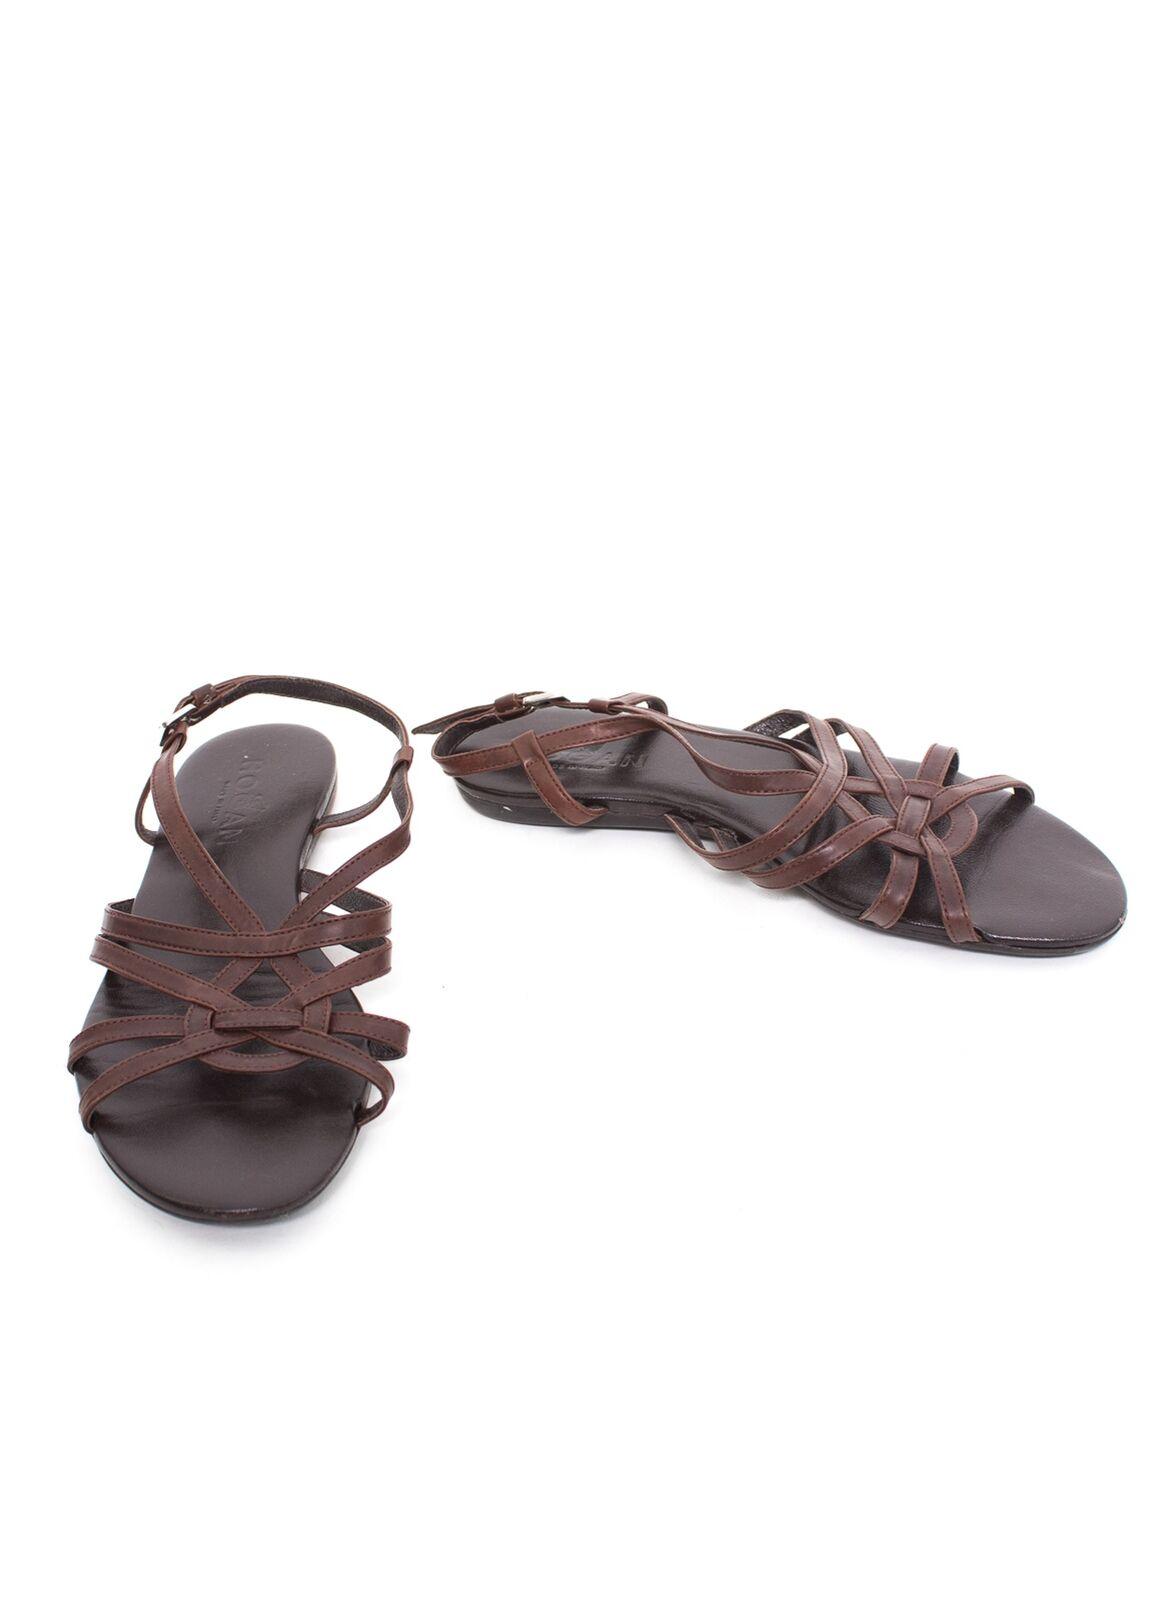 Hogan sandalias Talla EU 35 zapatos señora sandalias de cuero marrón